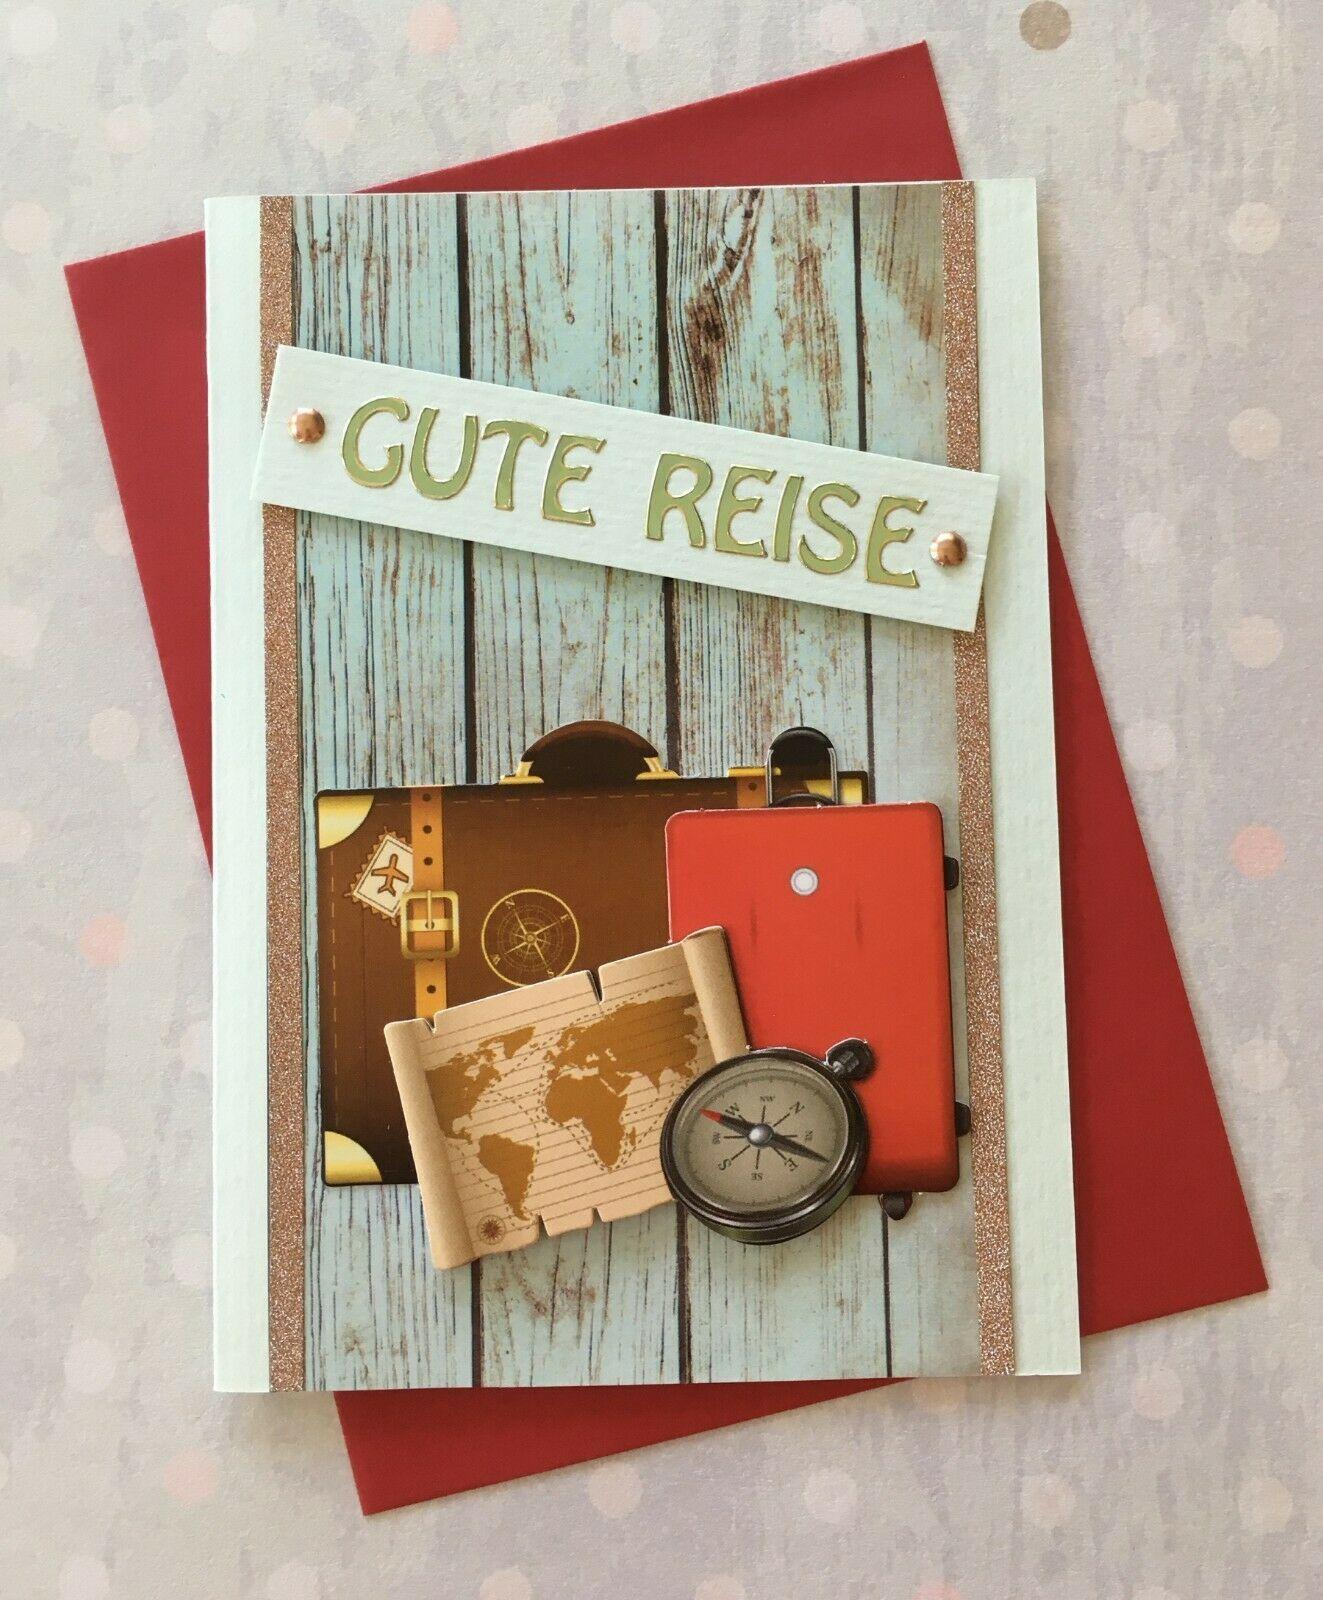 Grusskarte 3d Karte Urlaub Reise Koffer Geburtstag Handarbeit Gutschein Basteln Reise Gutschein Geburtstag Karten